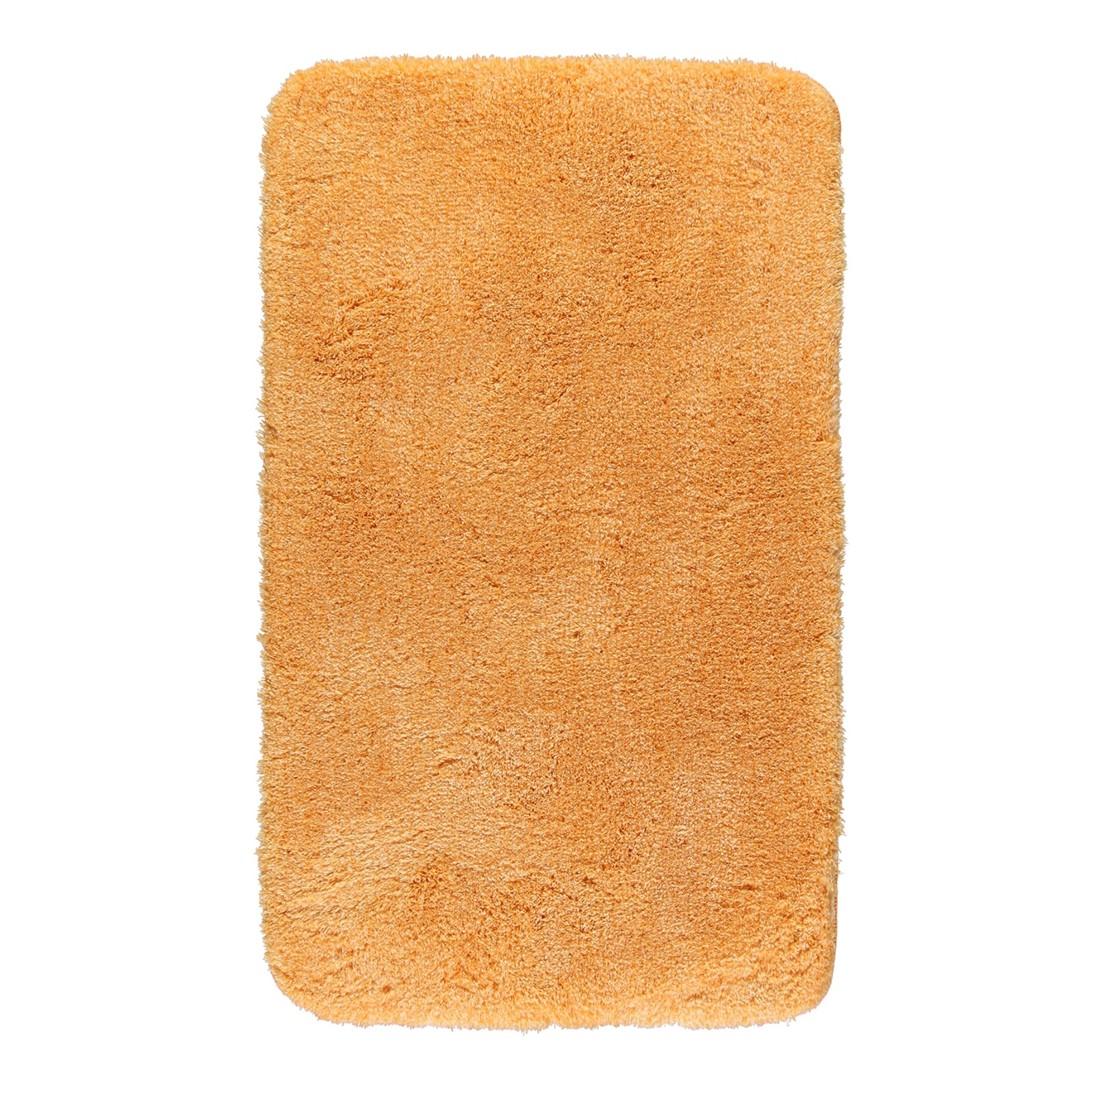 Badteppich Relax – 100% Polyacryl Pfirsich – 322 – Toilettenvorlage: 55 x 55 cm, Kleine Wolke günstig online kaufen